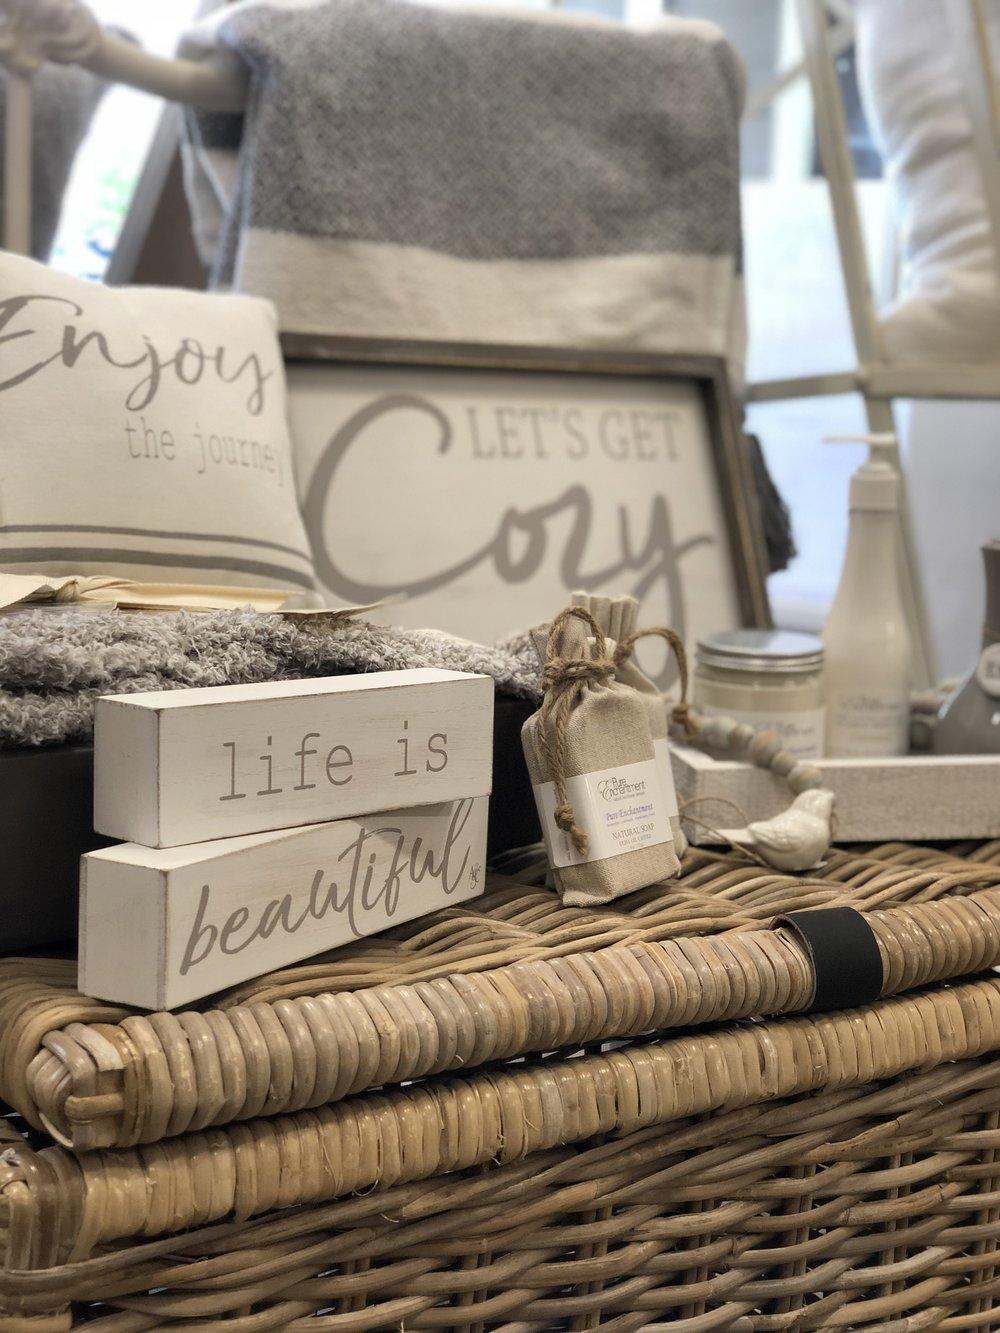 hostess gifts, pillows, candles, natural soap